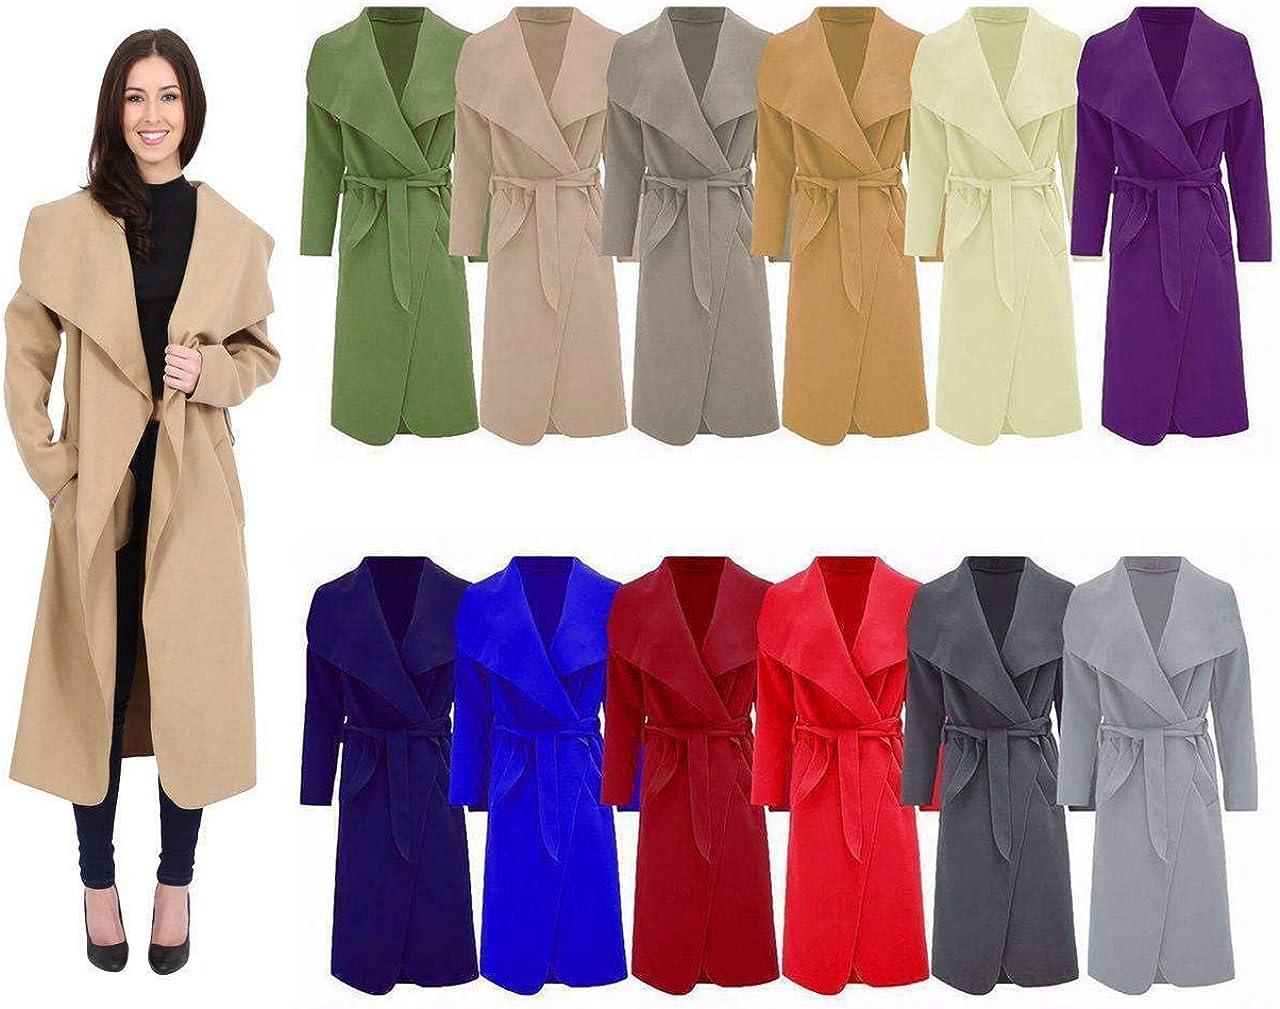 Hina Fashion Frauen-Damen Italienisch Wasserfall Belted Langarm-Mantel-Jacken-Top Schwarz